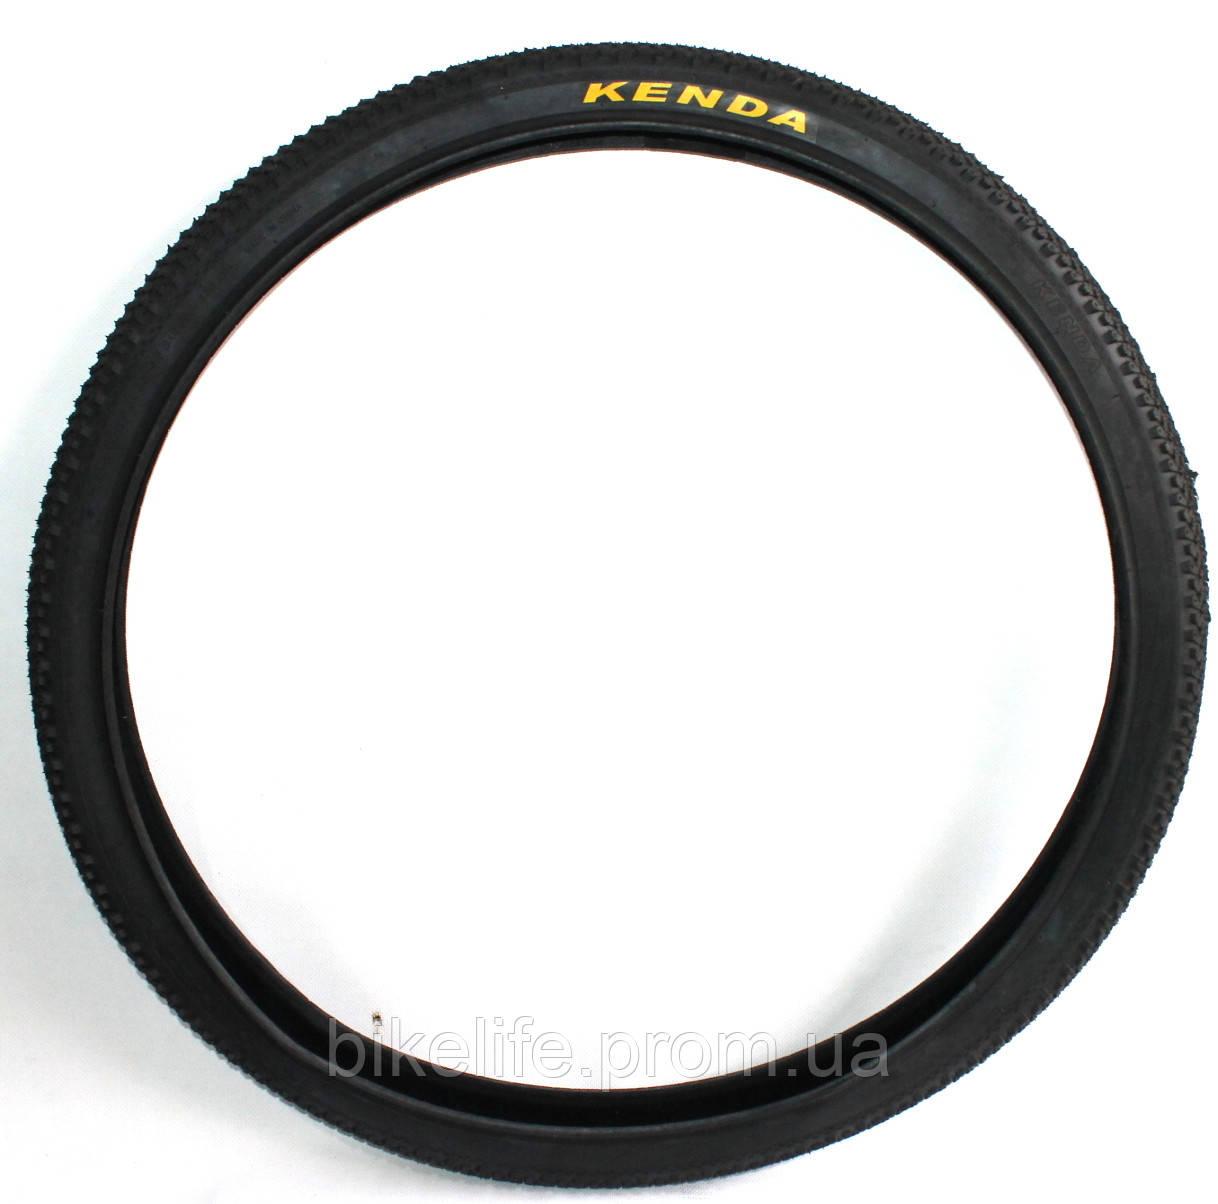 Вело-покрышка KENDA 26*1.95